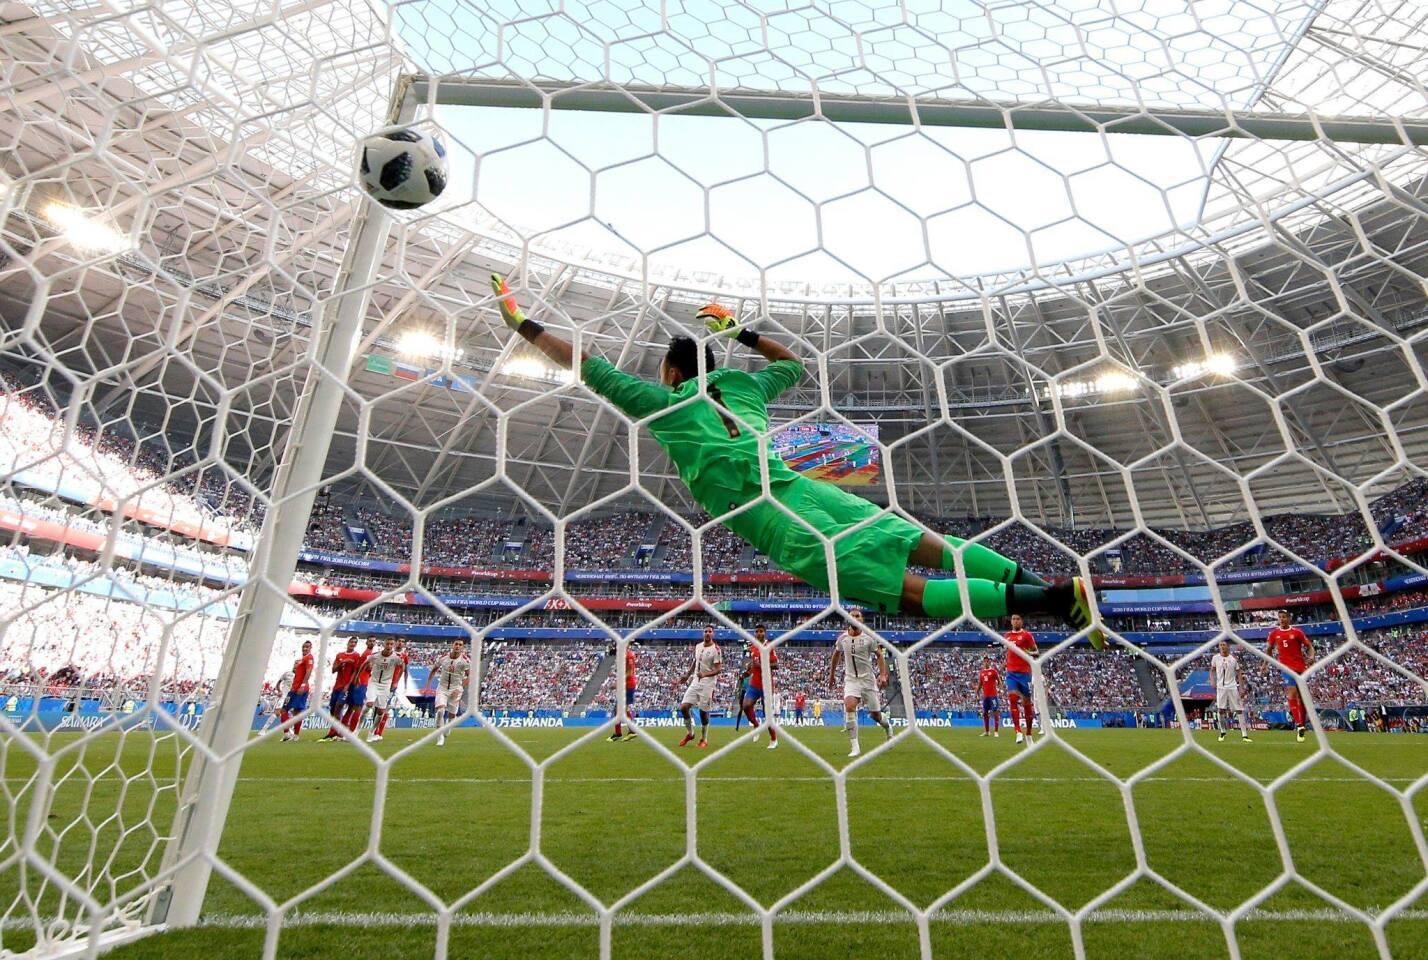 Un magistral gol de tiro libre de Aleksandar Kolarov le dio a Serbia la victoria 1-0 ante Costa Rica en la Copa del Mundo.